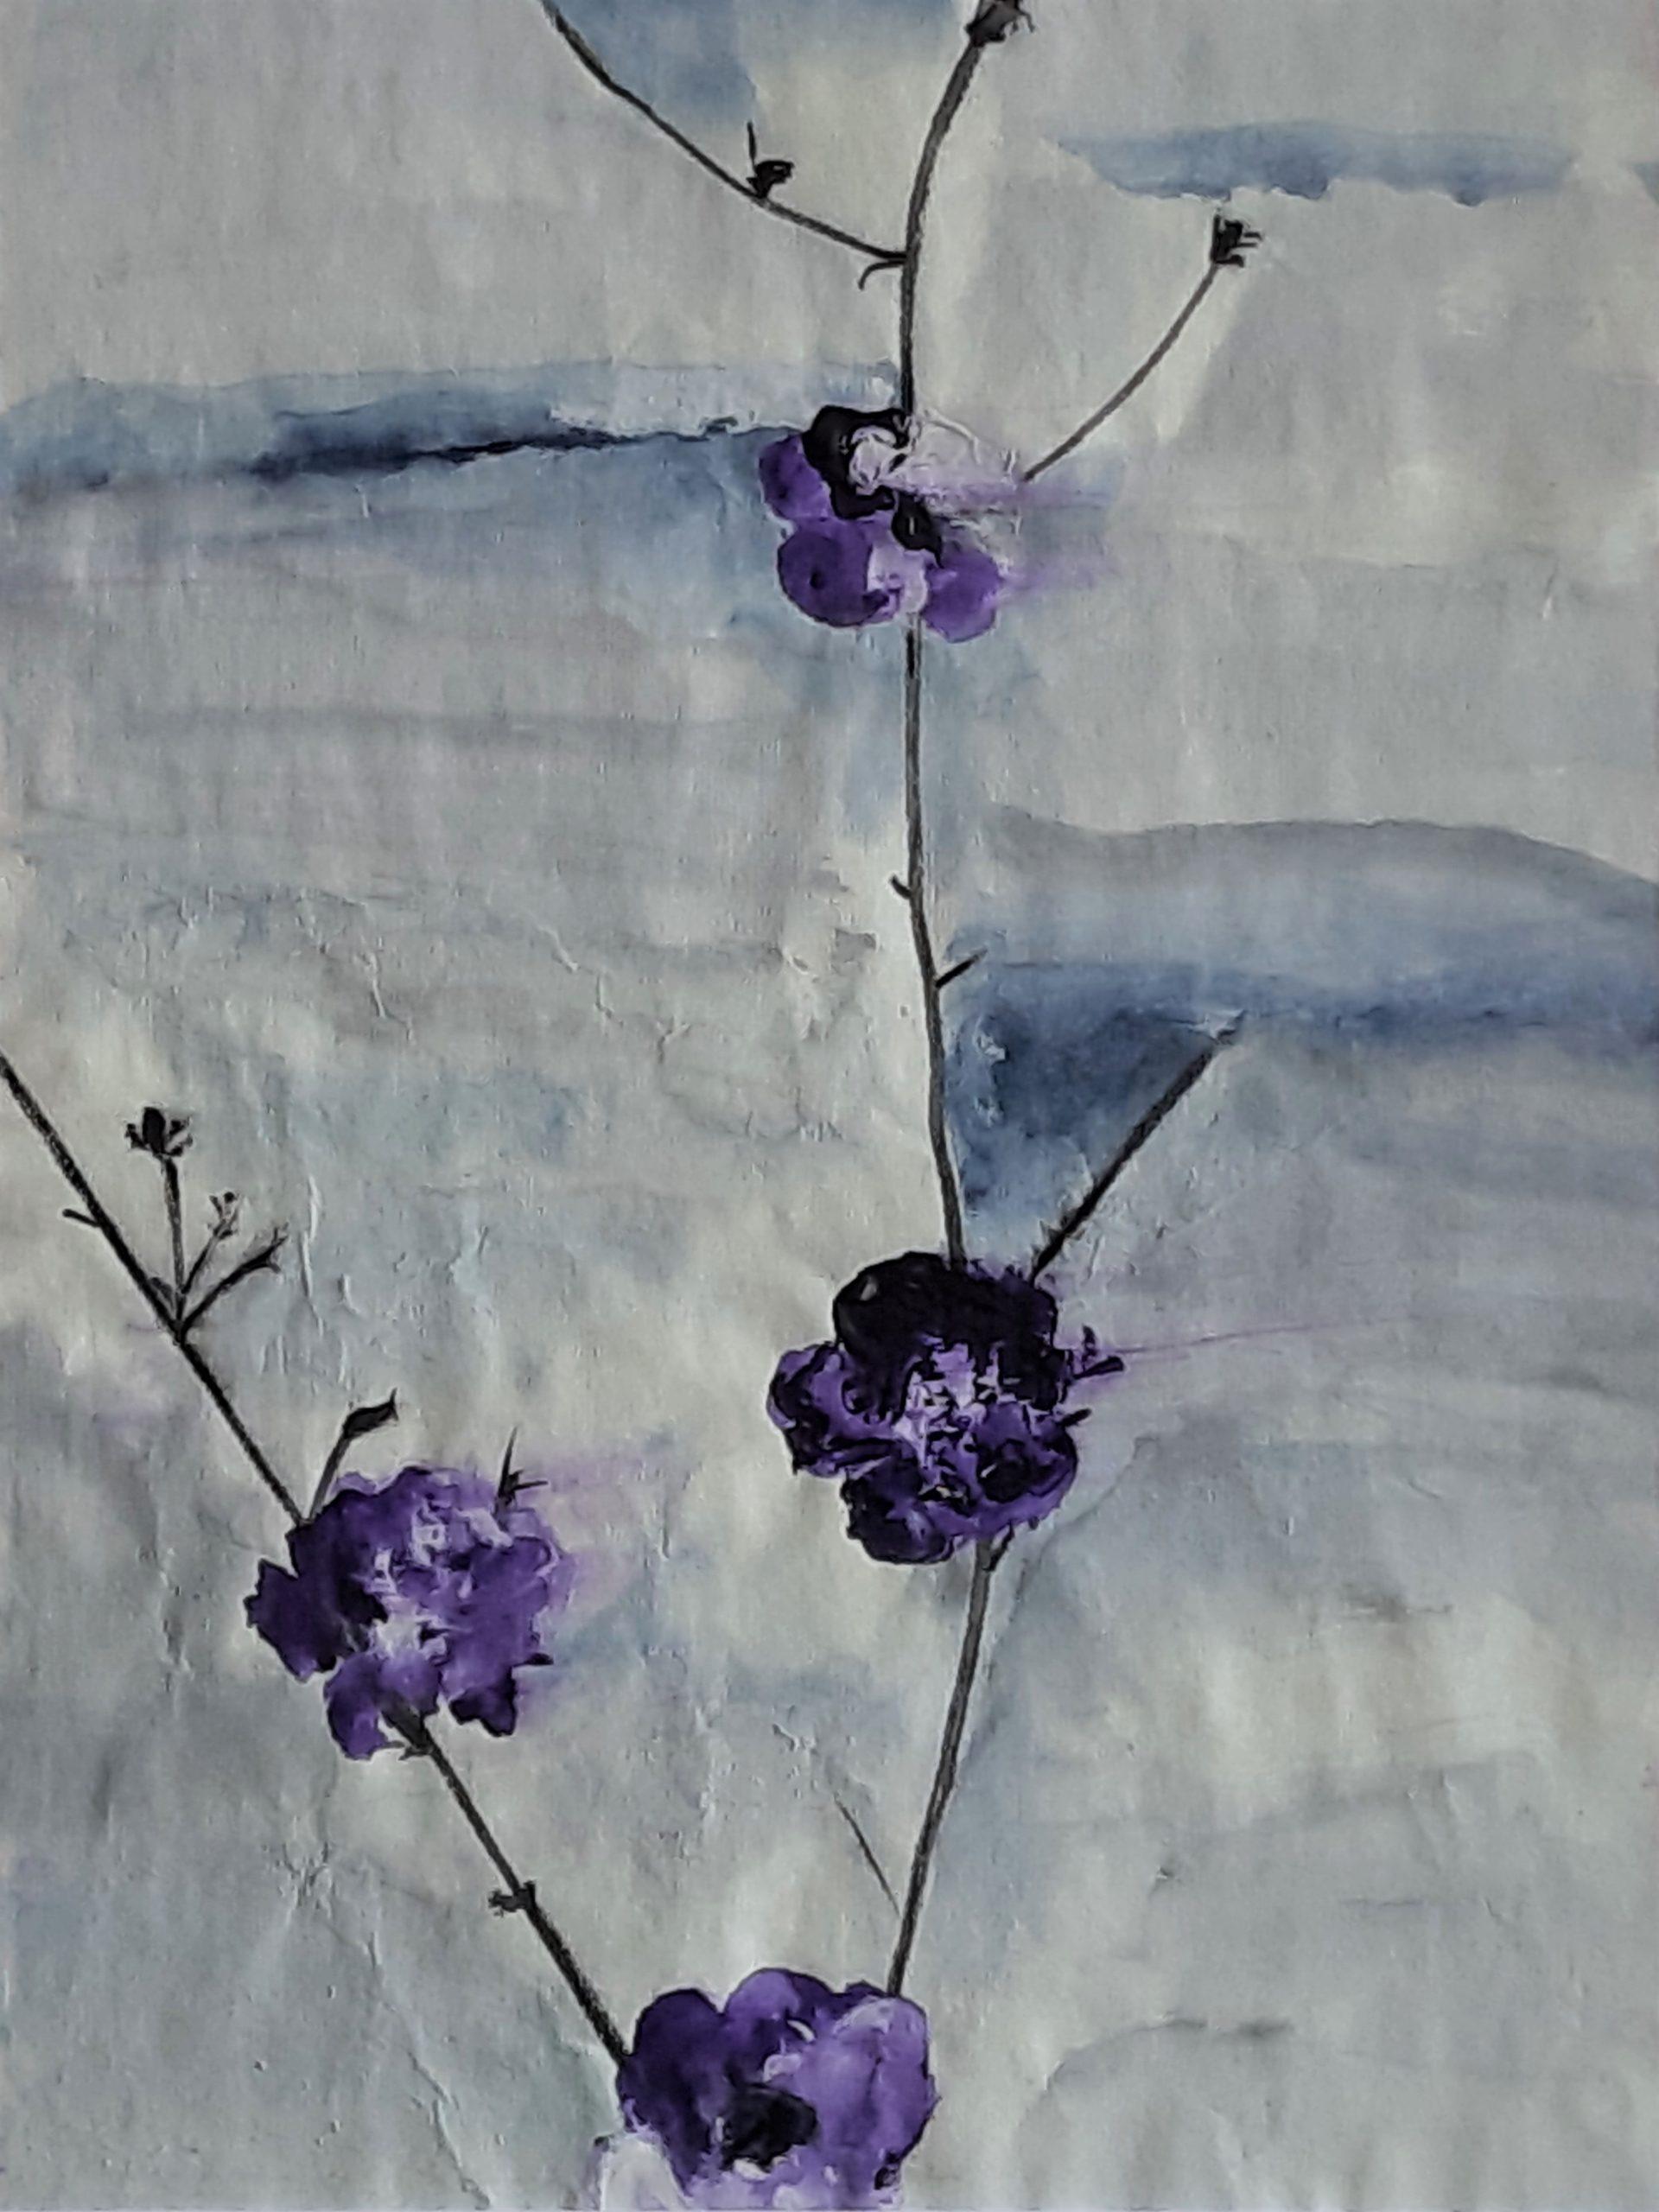 viola acquerello su carta di riso 24 x 32 cm 2019